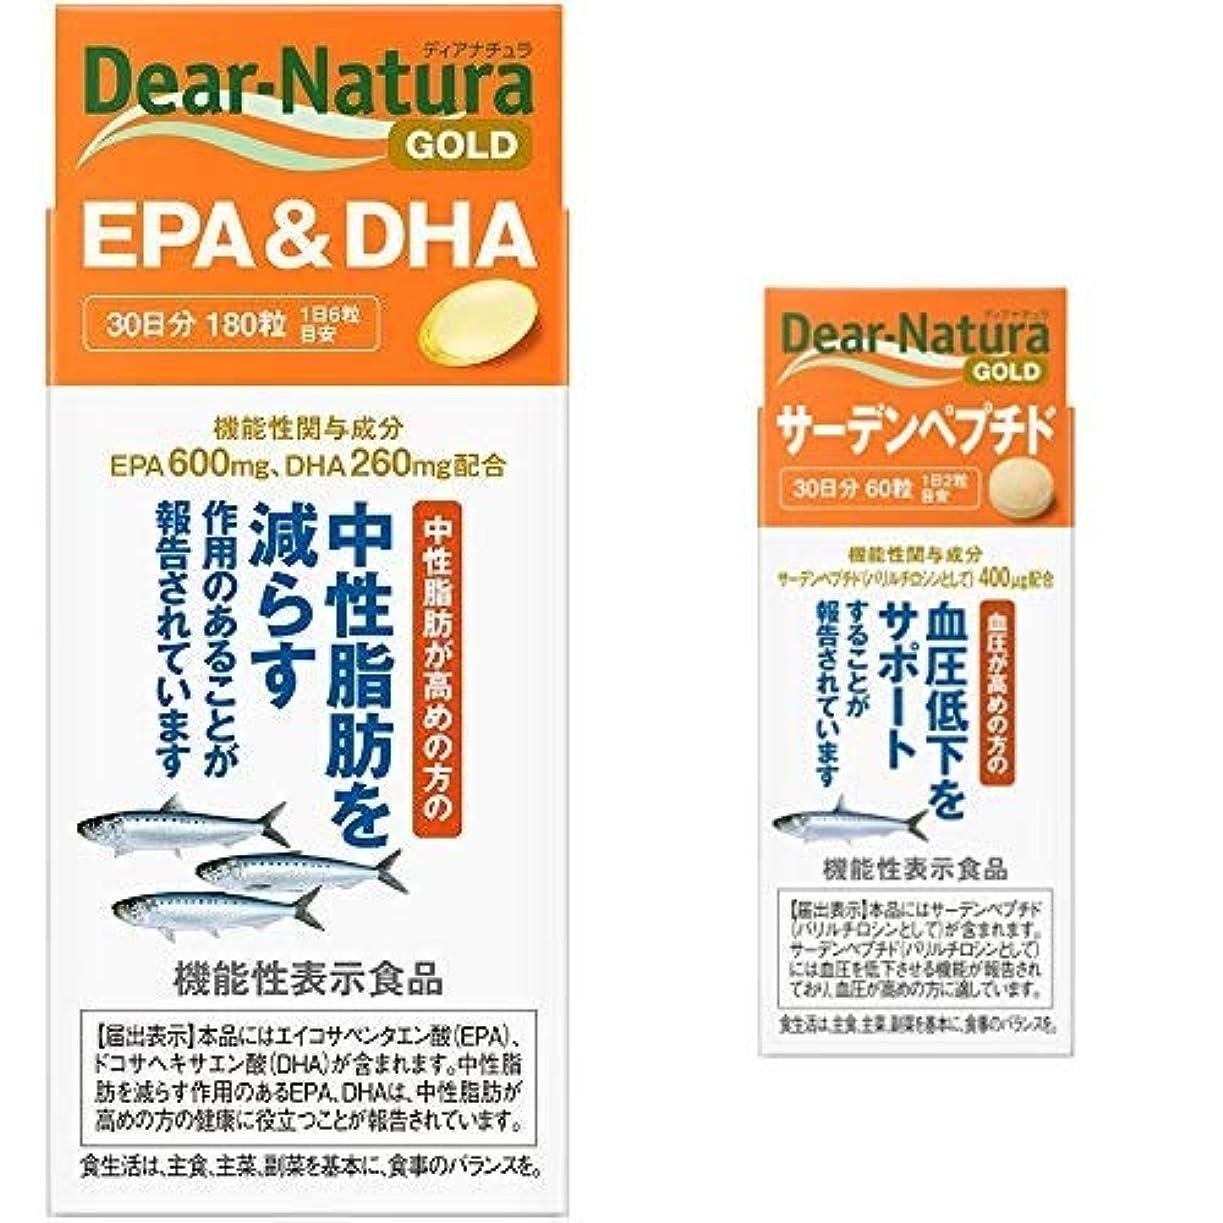 助けになるを通して火炎【セット買い】ディアナチュラゴールド EPA&DHA 30日分 [機能性表示食品] & サーデンペプチド 30日分 [機能性表示食品]